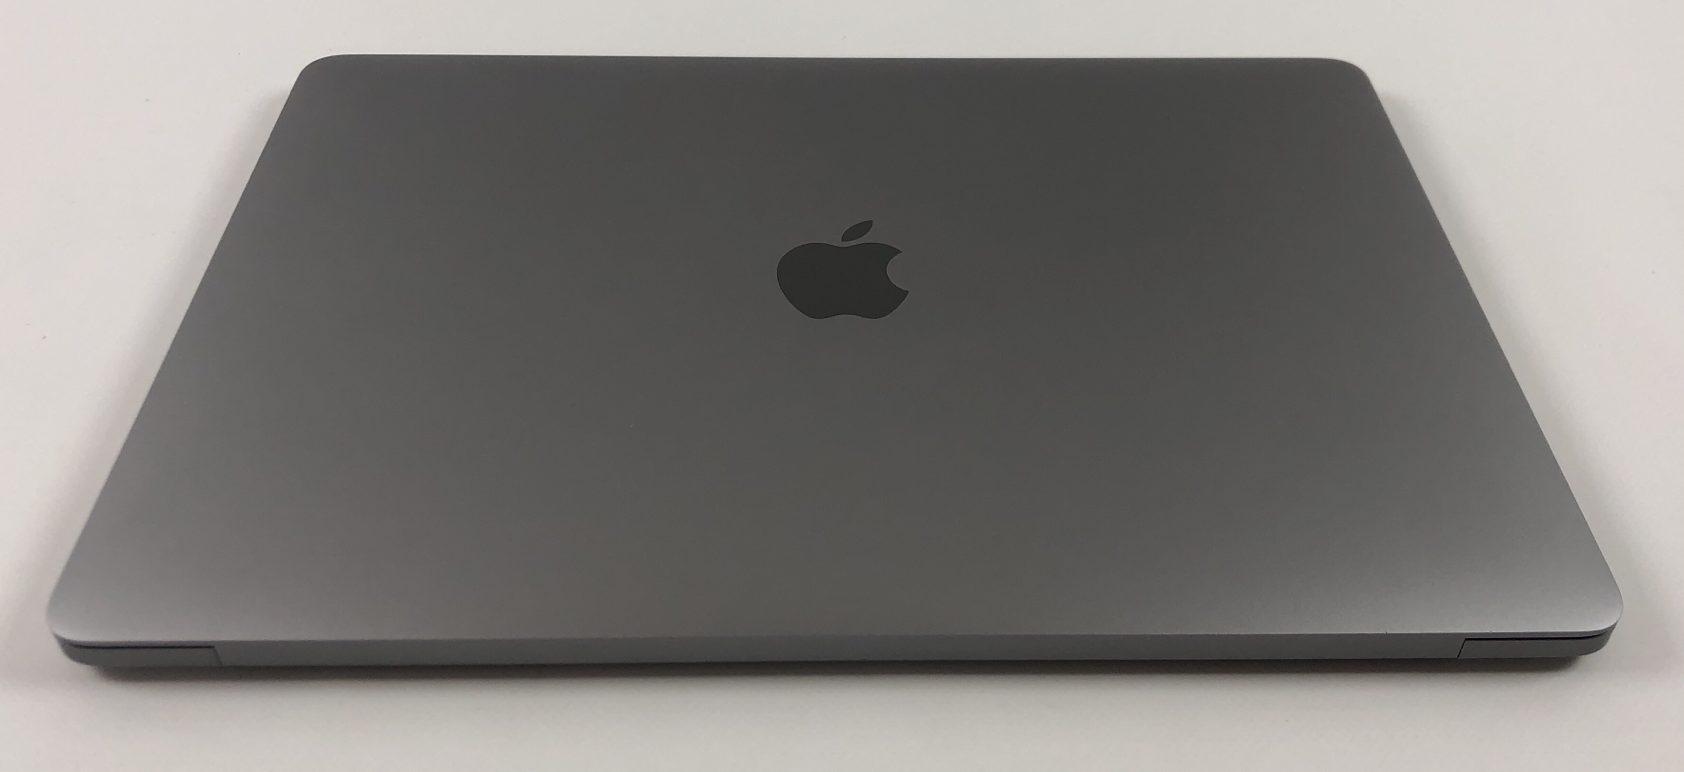 """MacBook Pro 13"""" 4TBT Mid 2017 (Intel Core i7 3.5 GHz 16 GB RAM 256 GB SSD), Space Gray, Intel Core i7 3.5 GHz, 16 GB RAM, 256 GB SSD, image 2"""